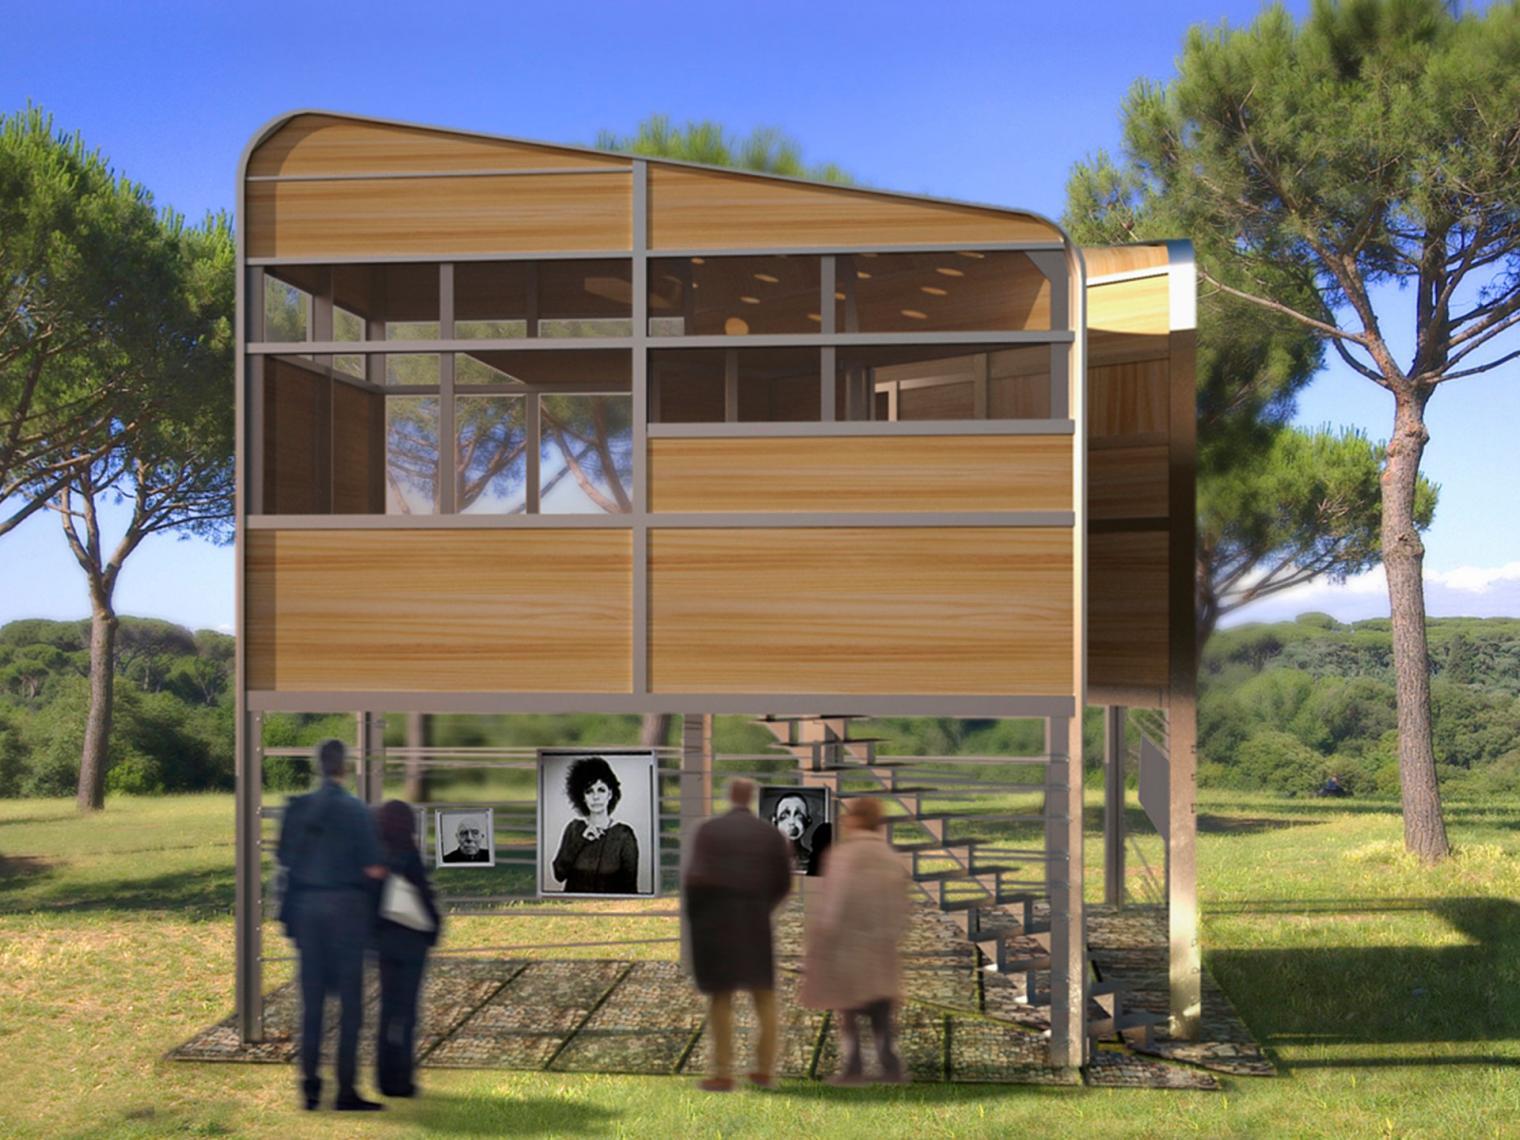 artspace-studio-modulo-abitativo-per-artisti-sostenibile-mostra-opere